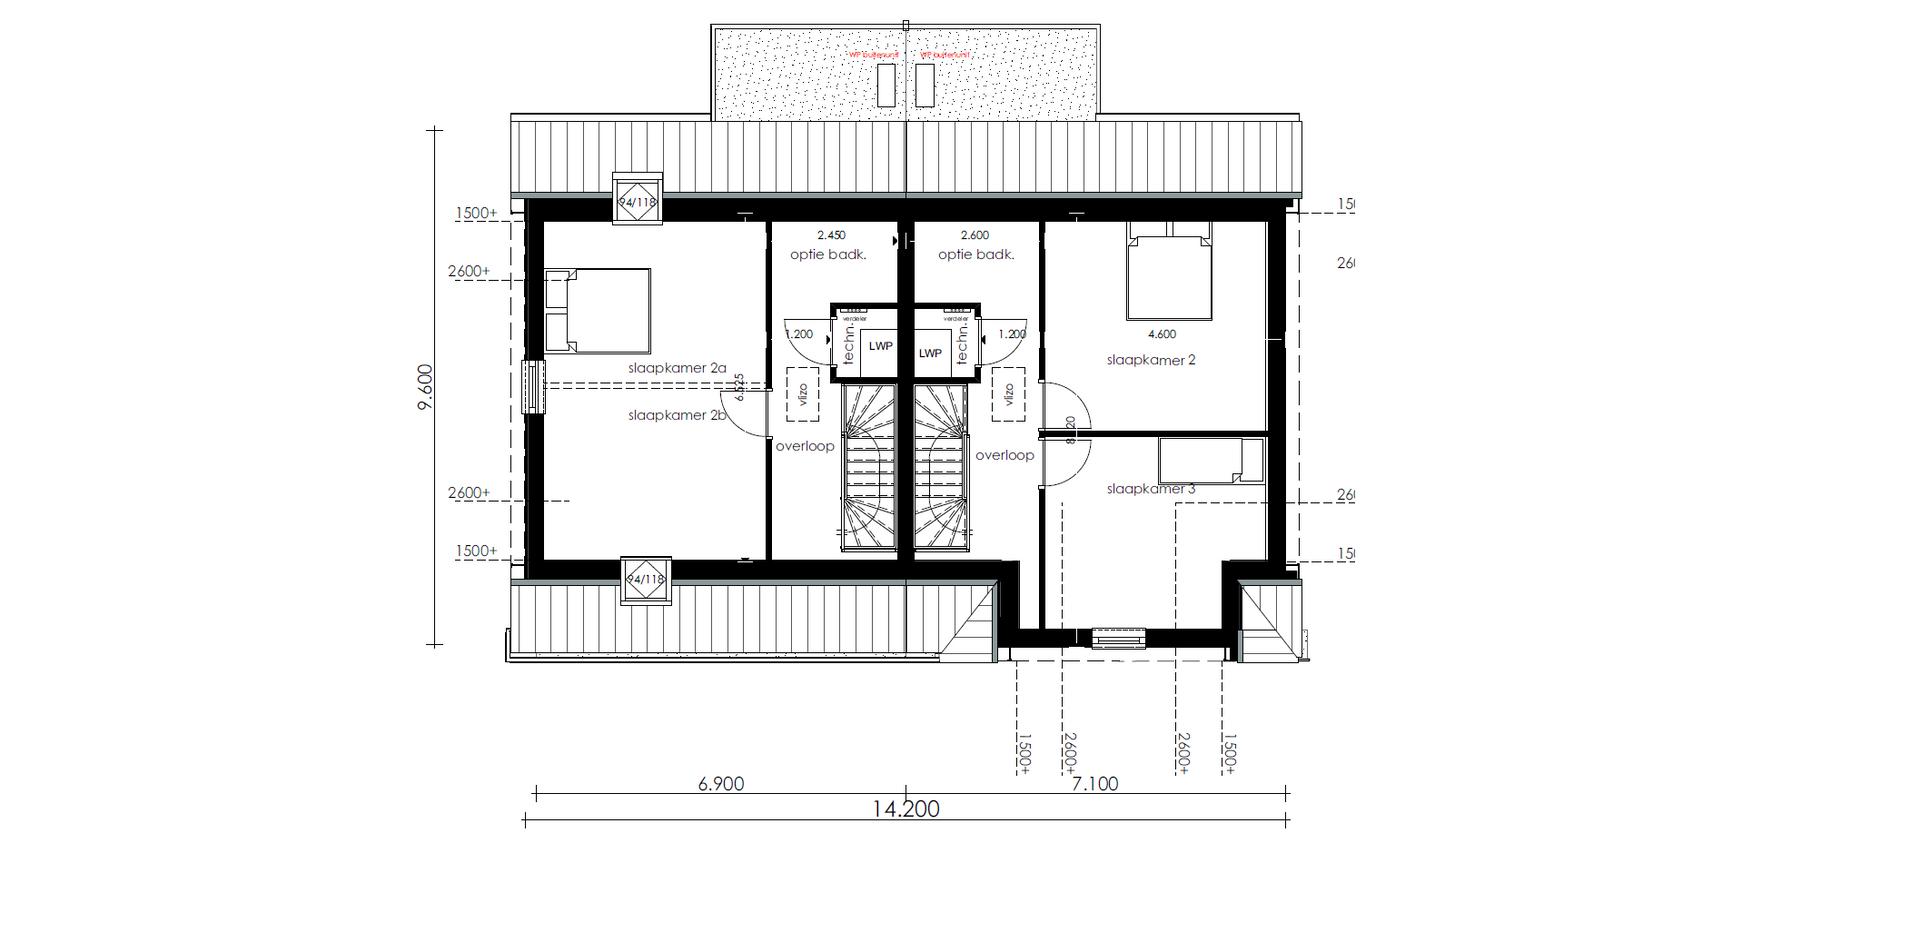 Prattegrond 1e verdieping